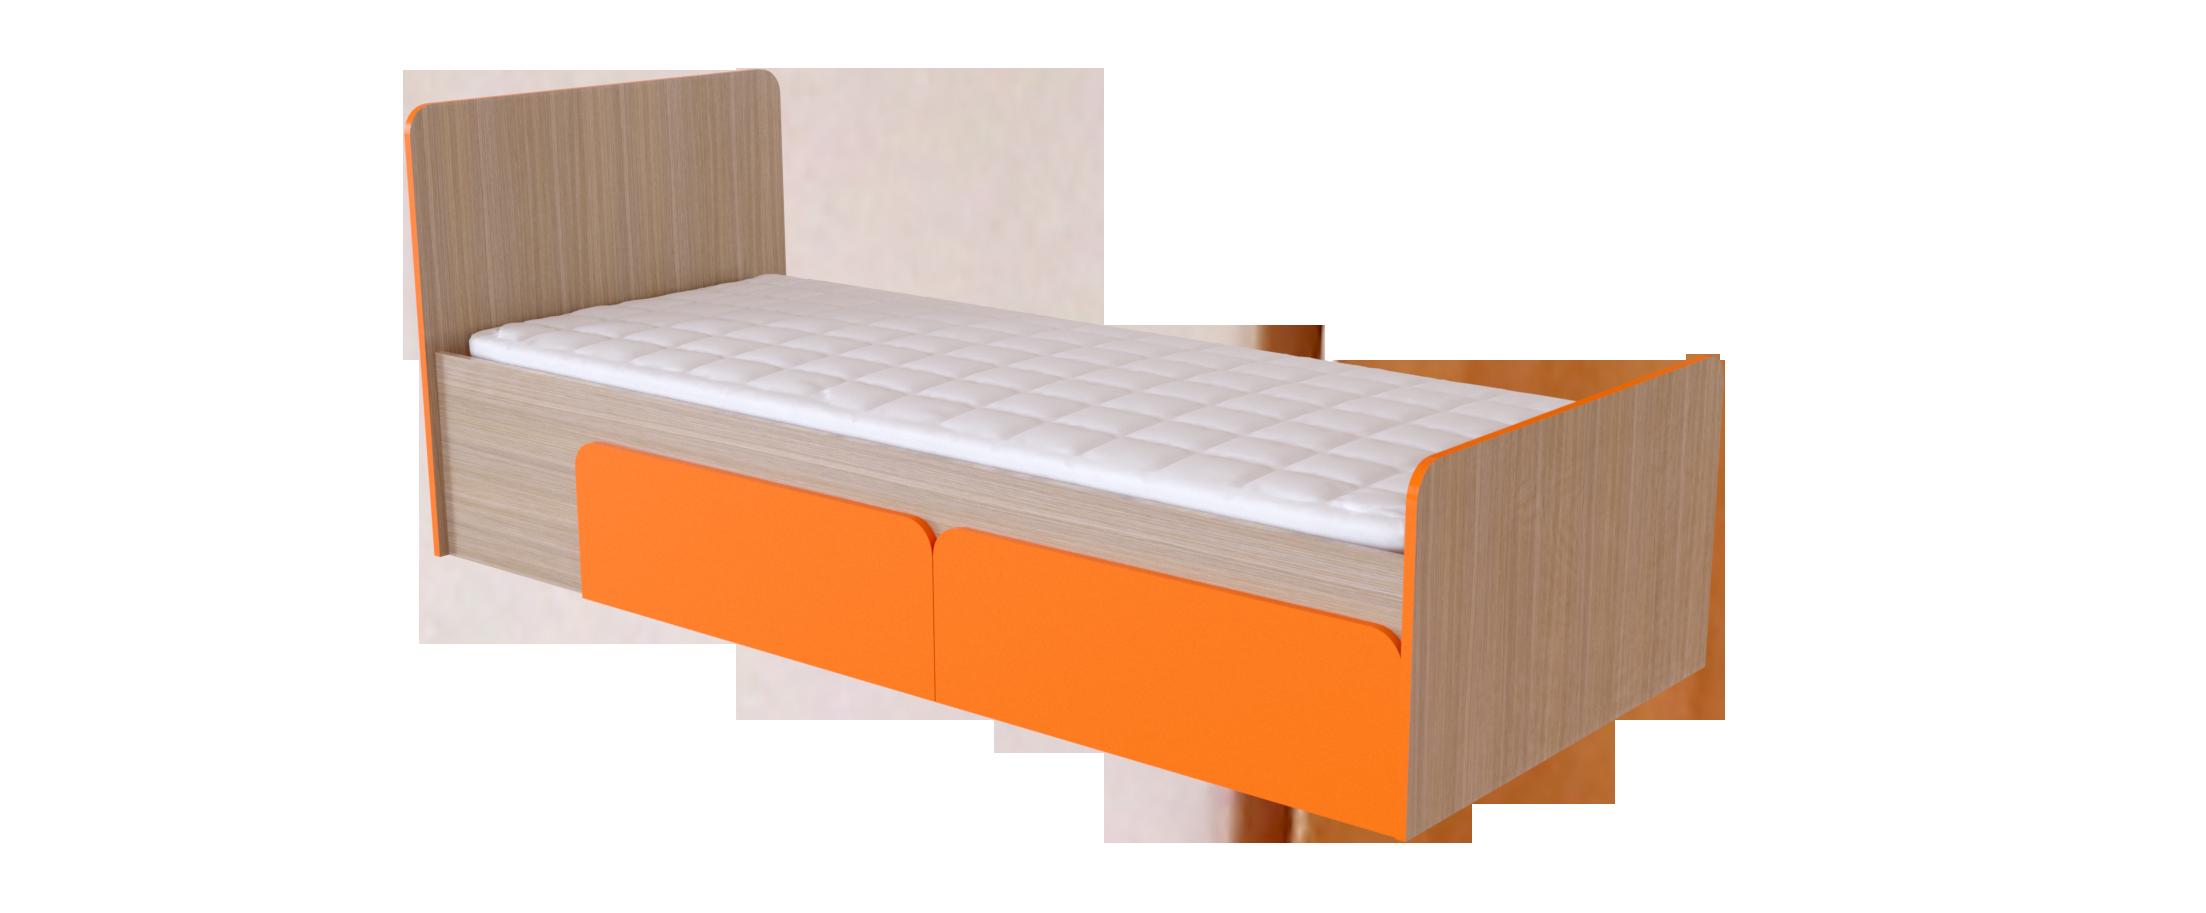 Кровать односпальная Скейт-3 Модель 505 от MOON TRADE